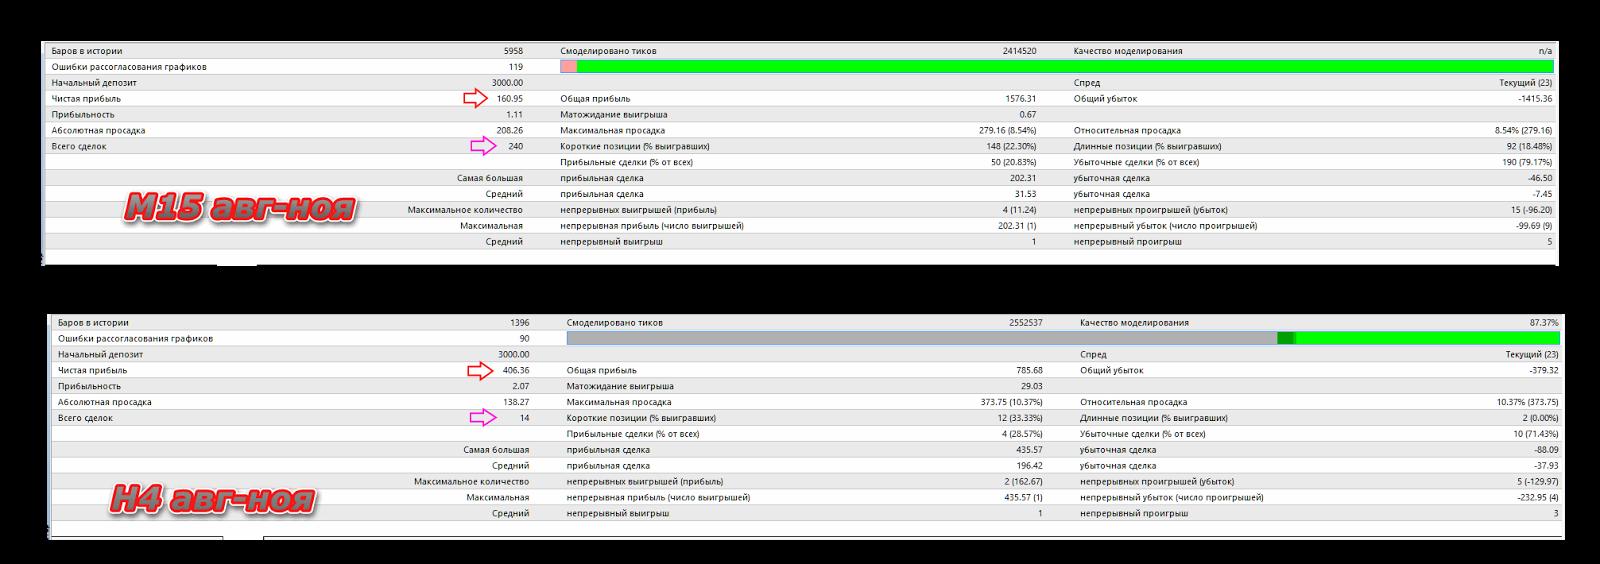 Тестер стратегий советника Mopving Average eur/usd с августа по ноябрь